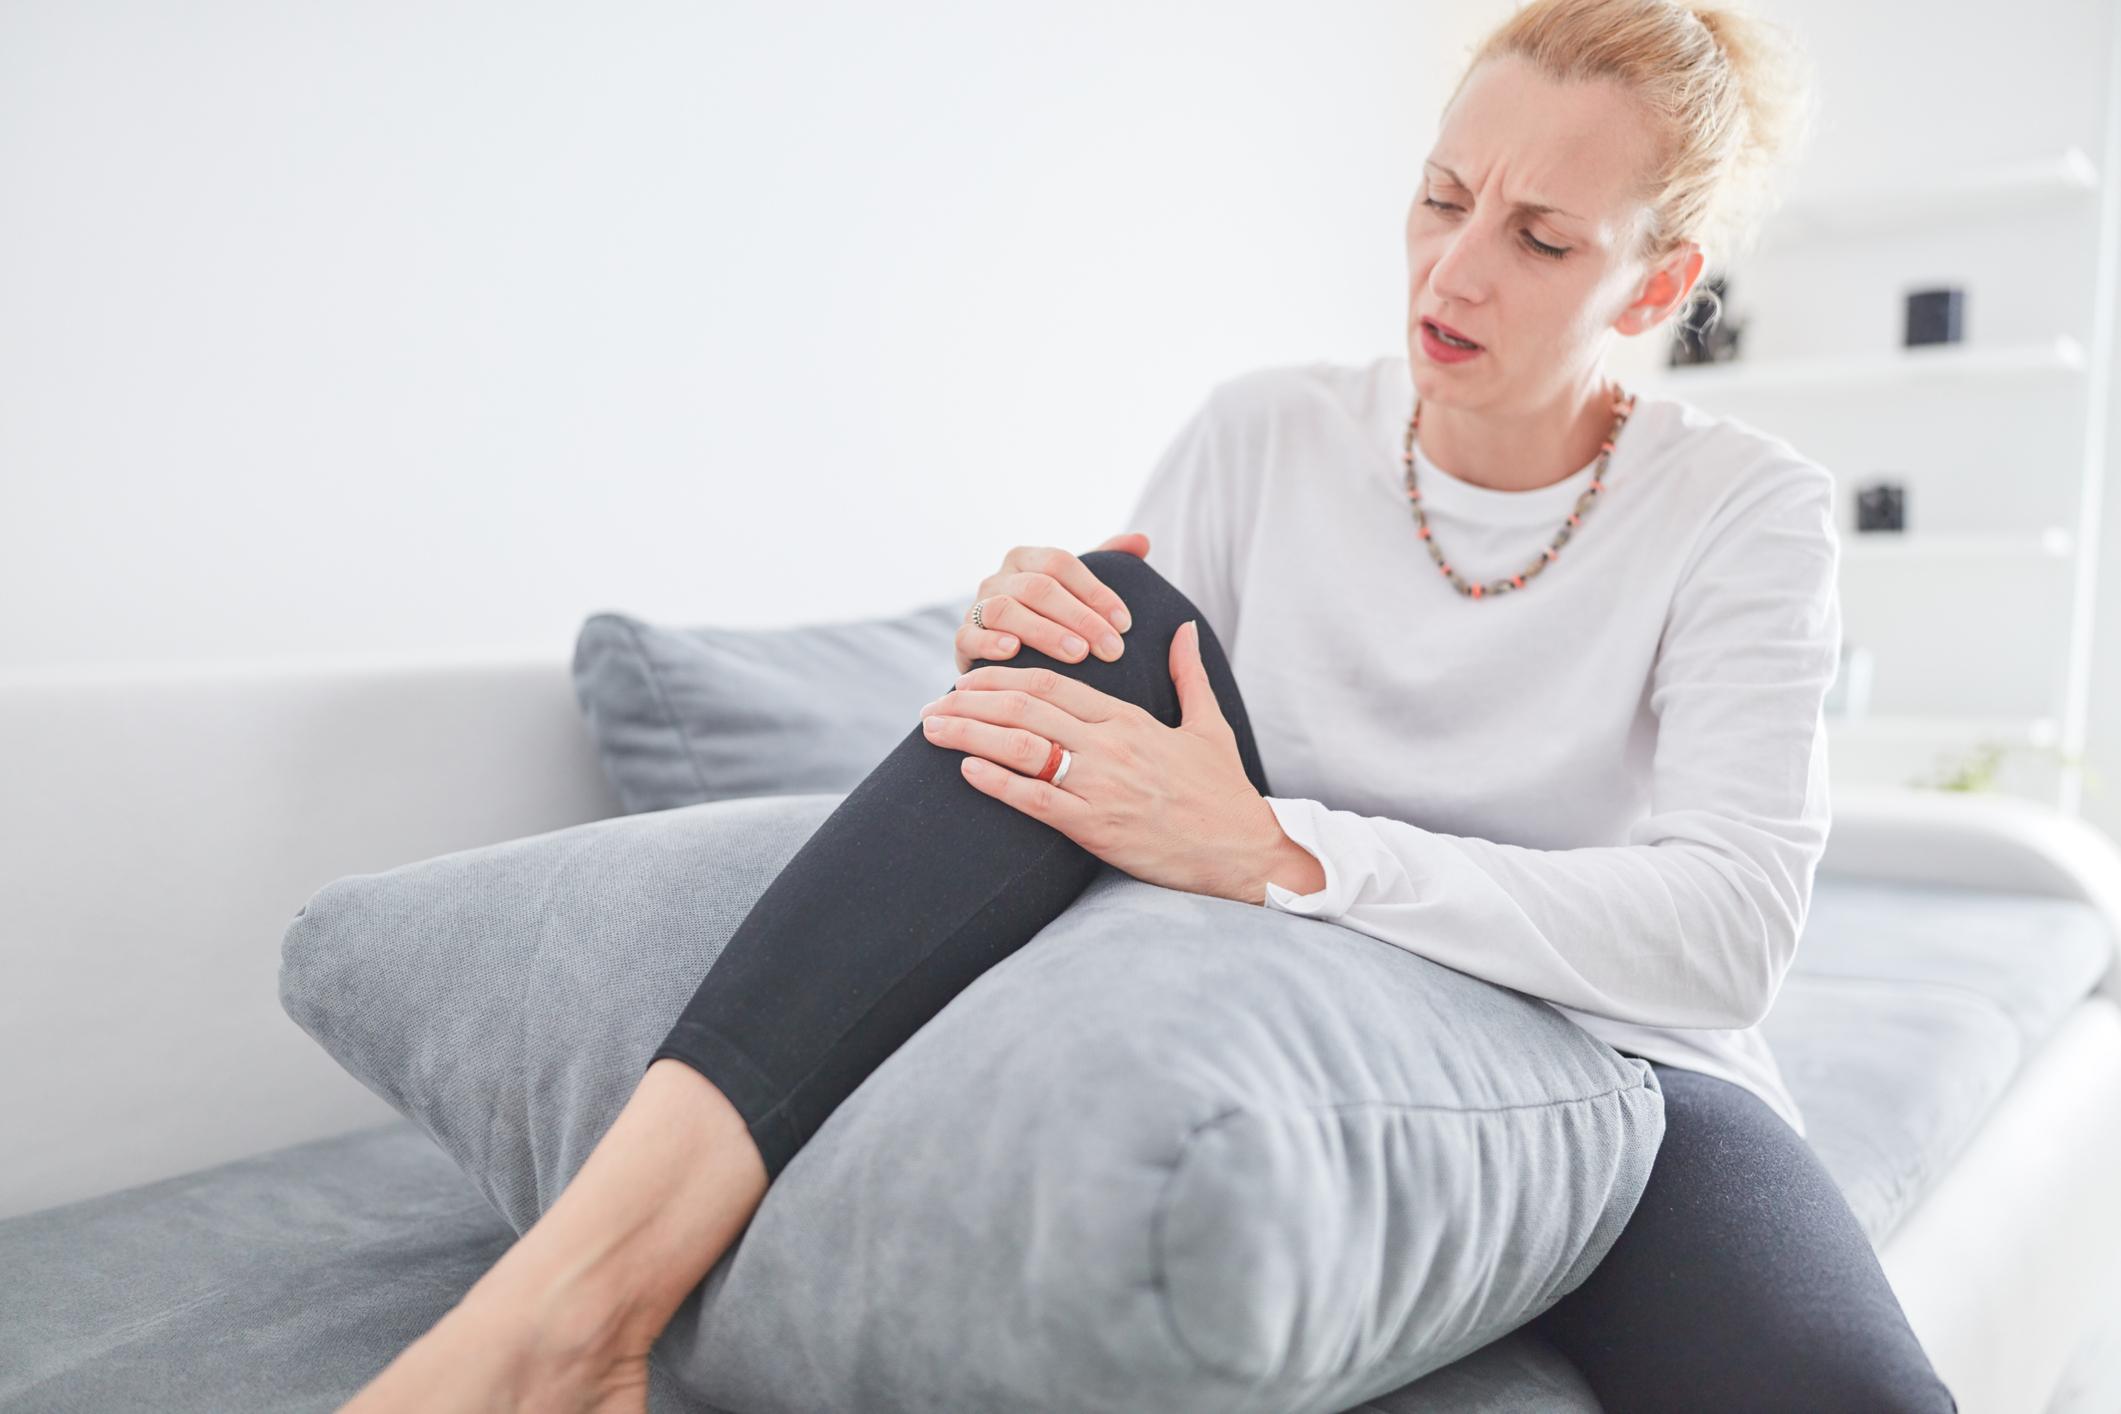 Mi a szívblokk, miért fordul elő a kezelés? - Vasculitis November